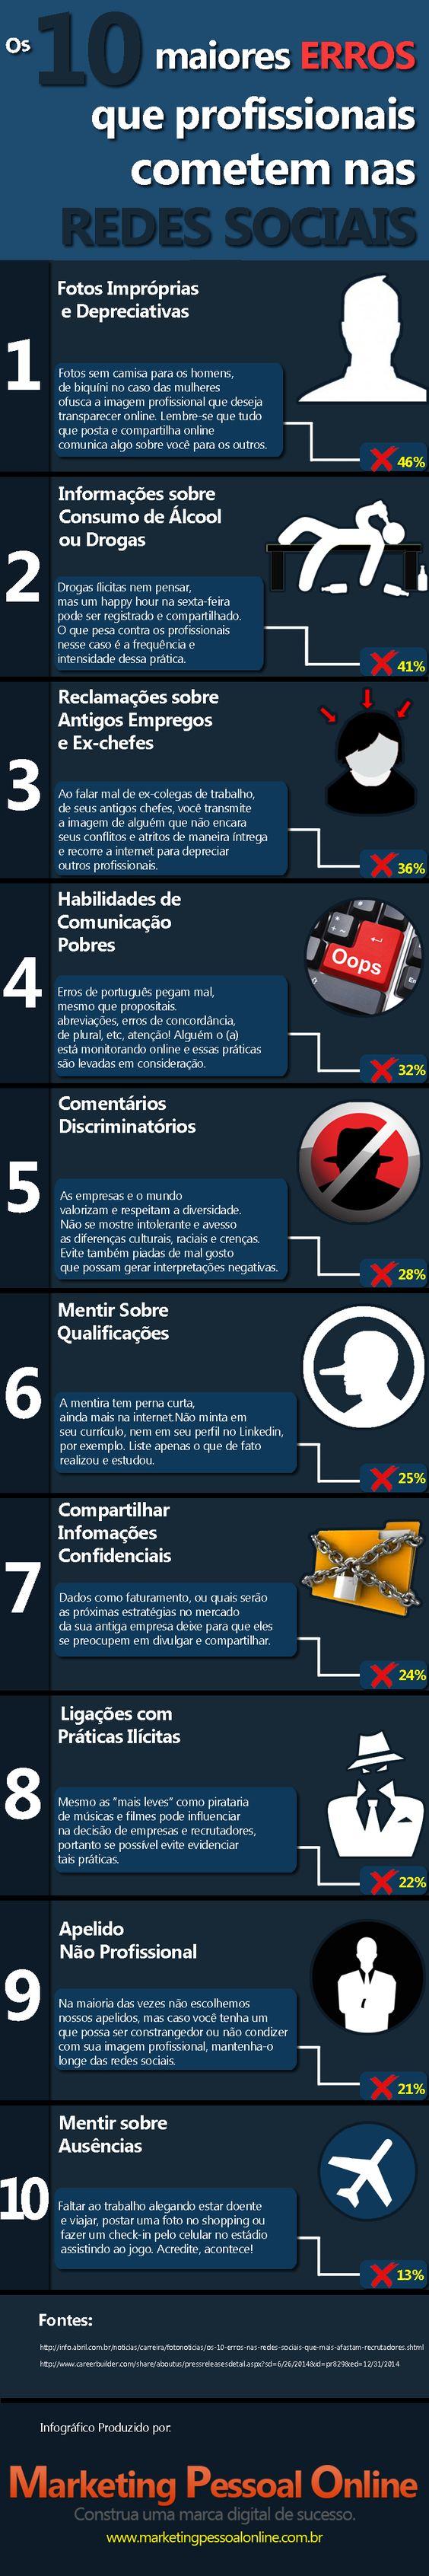 INFOGRÁFICO – Os 10 Maiores Erros que Profissionais Cometem nas Redes Sociais | Marketing Pessoal Online